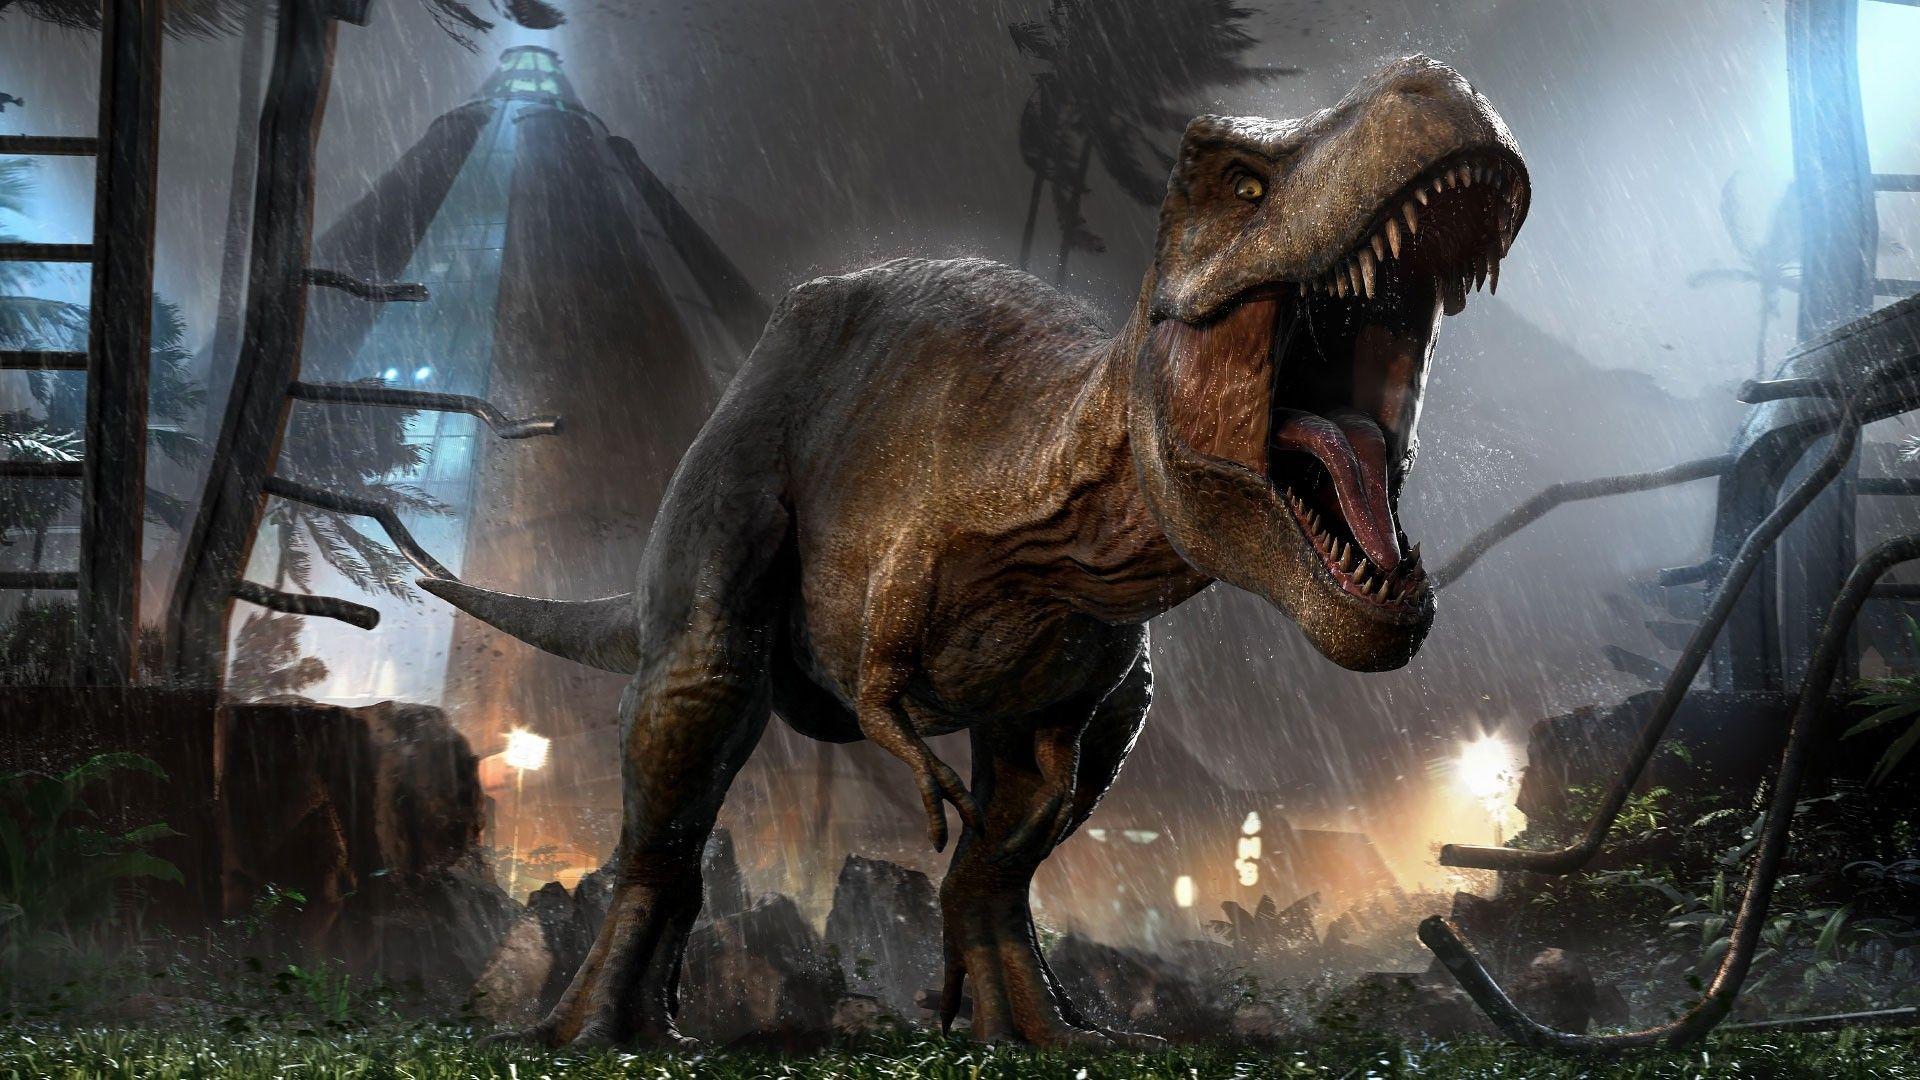 Official TRex Wallpaper (1920x1080) Jurassic world